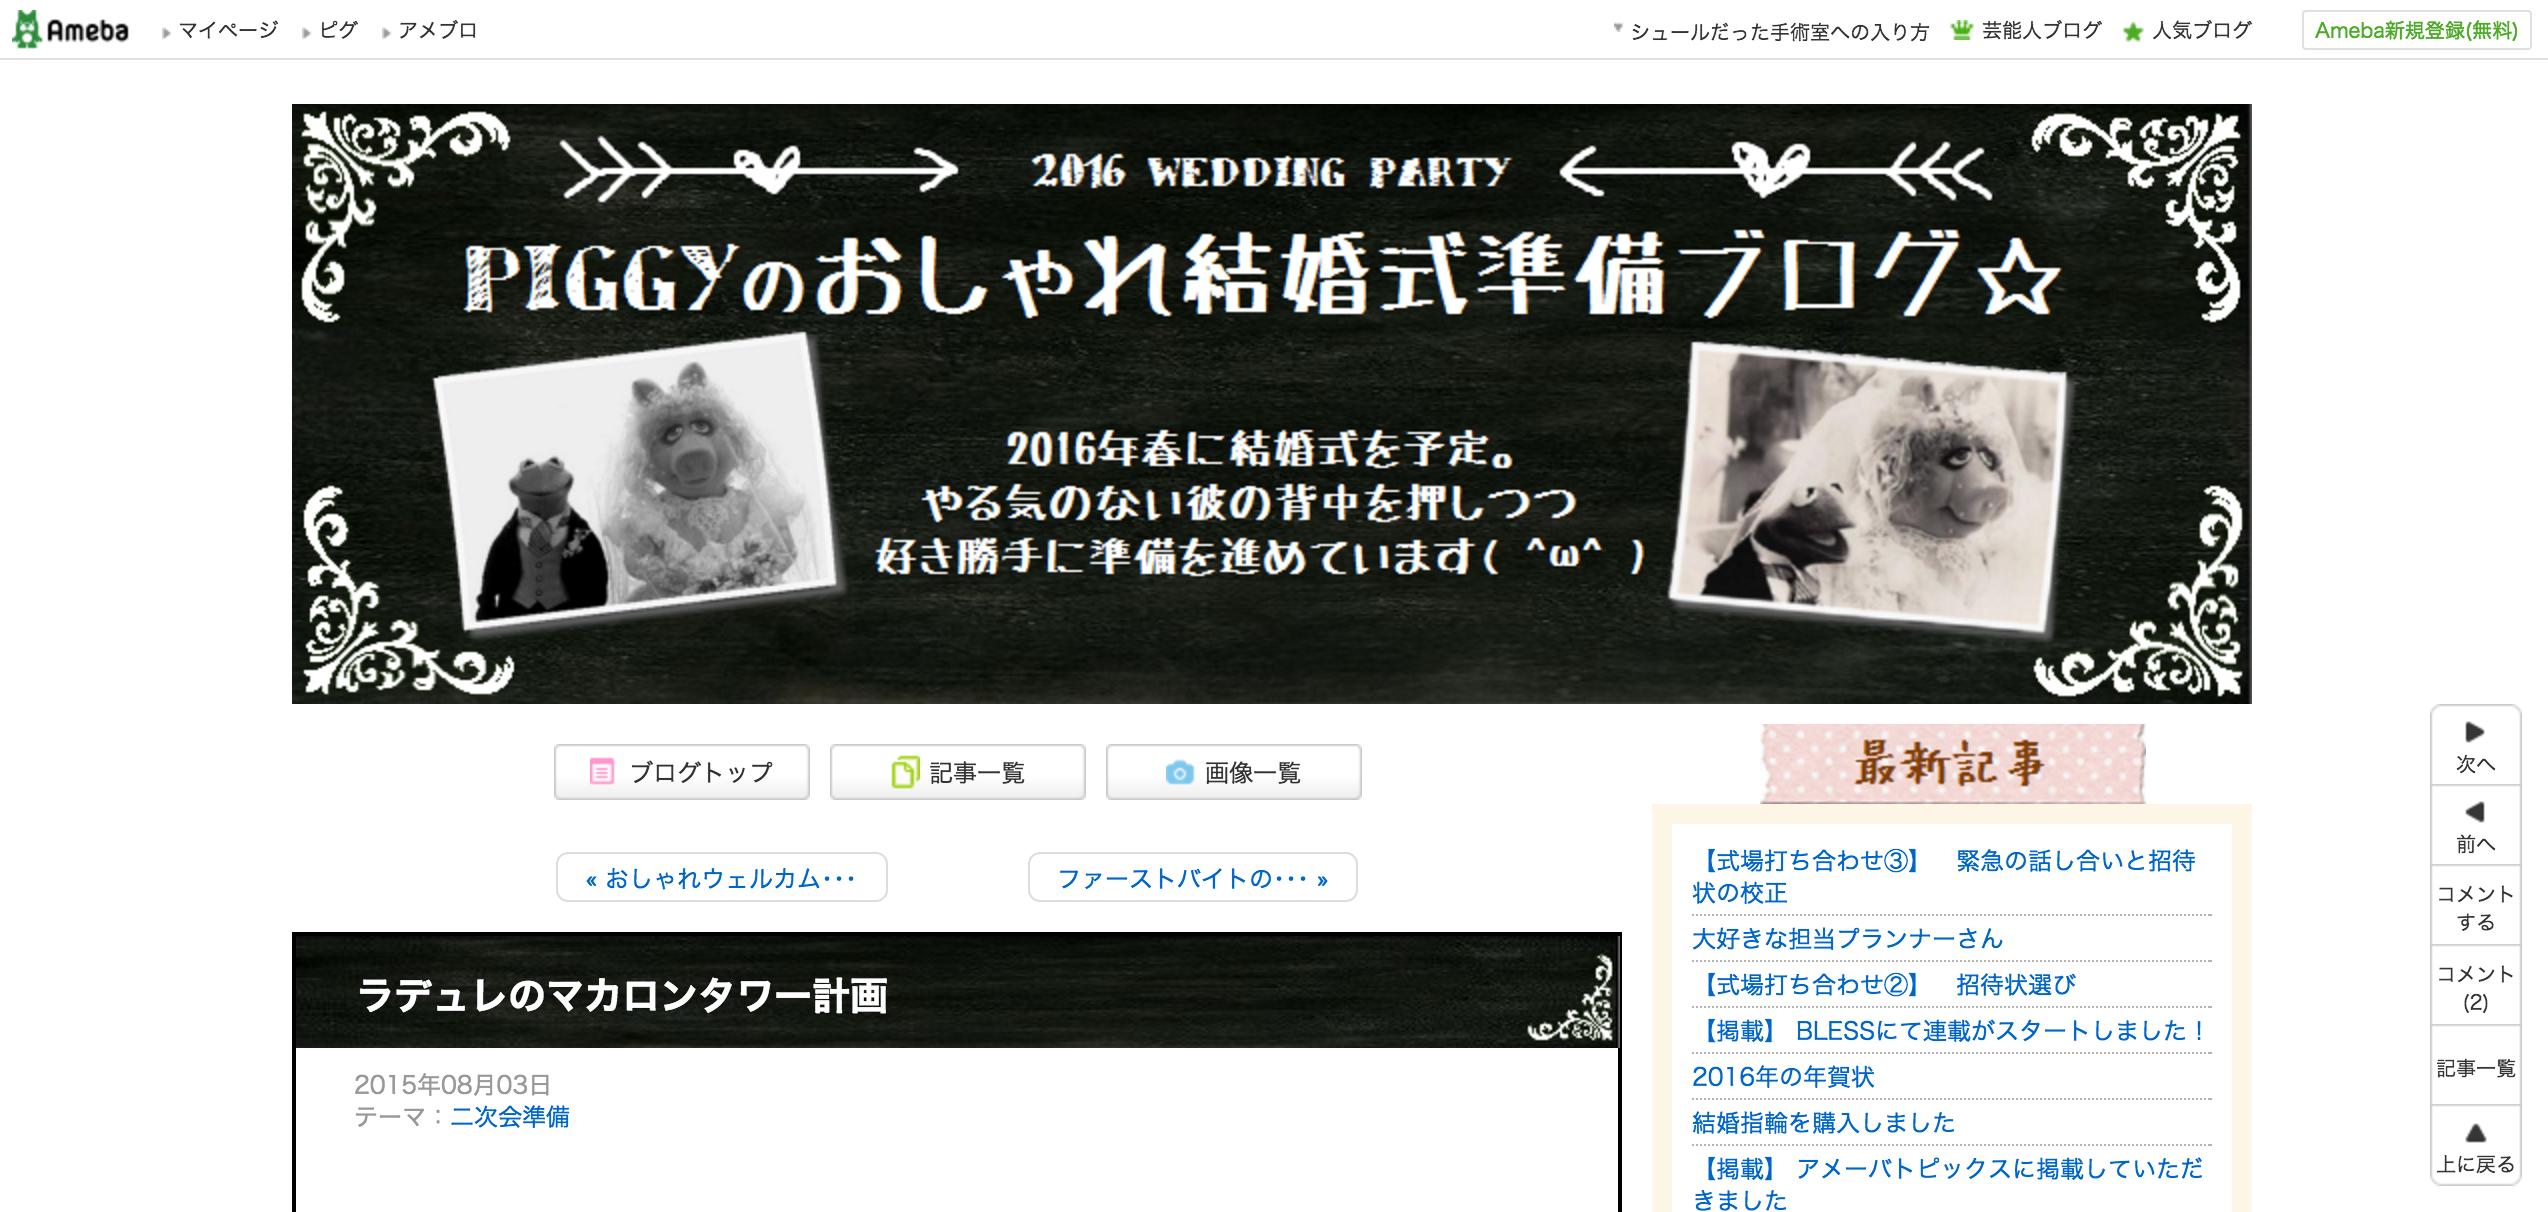 PIGGYのお洒落結婚式準備ブログ☆